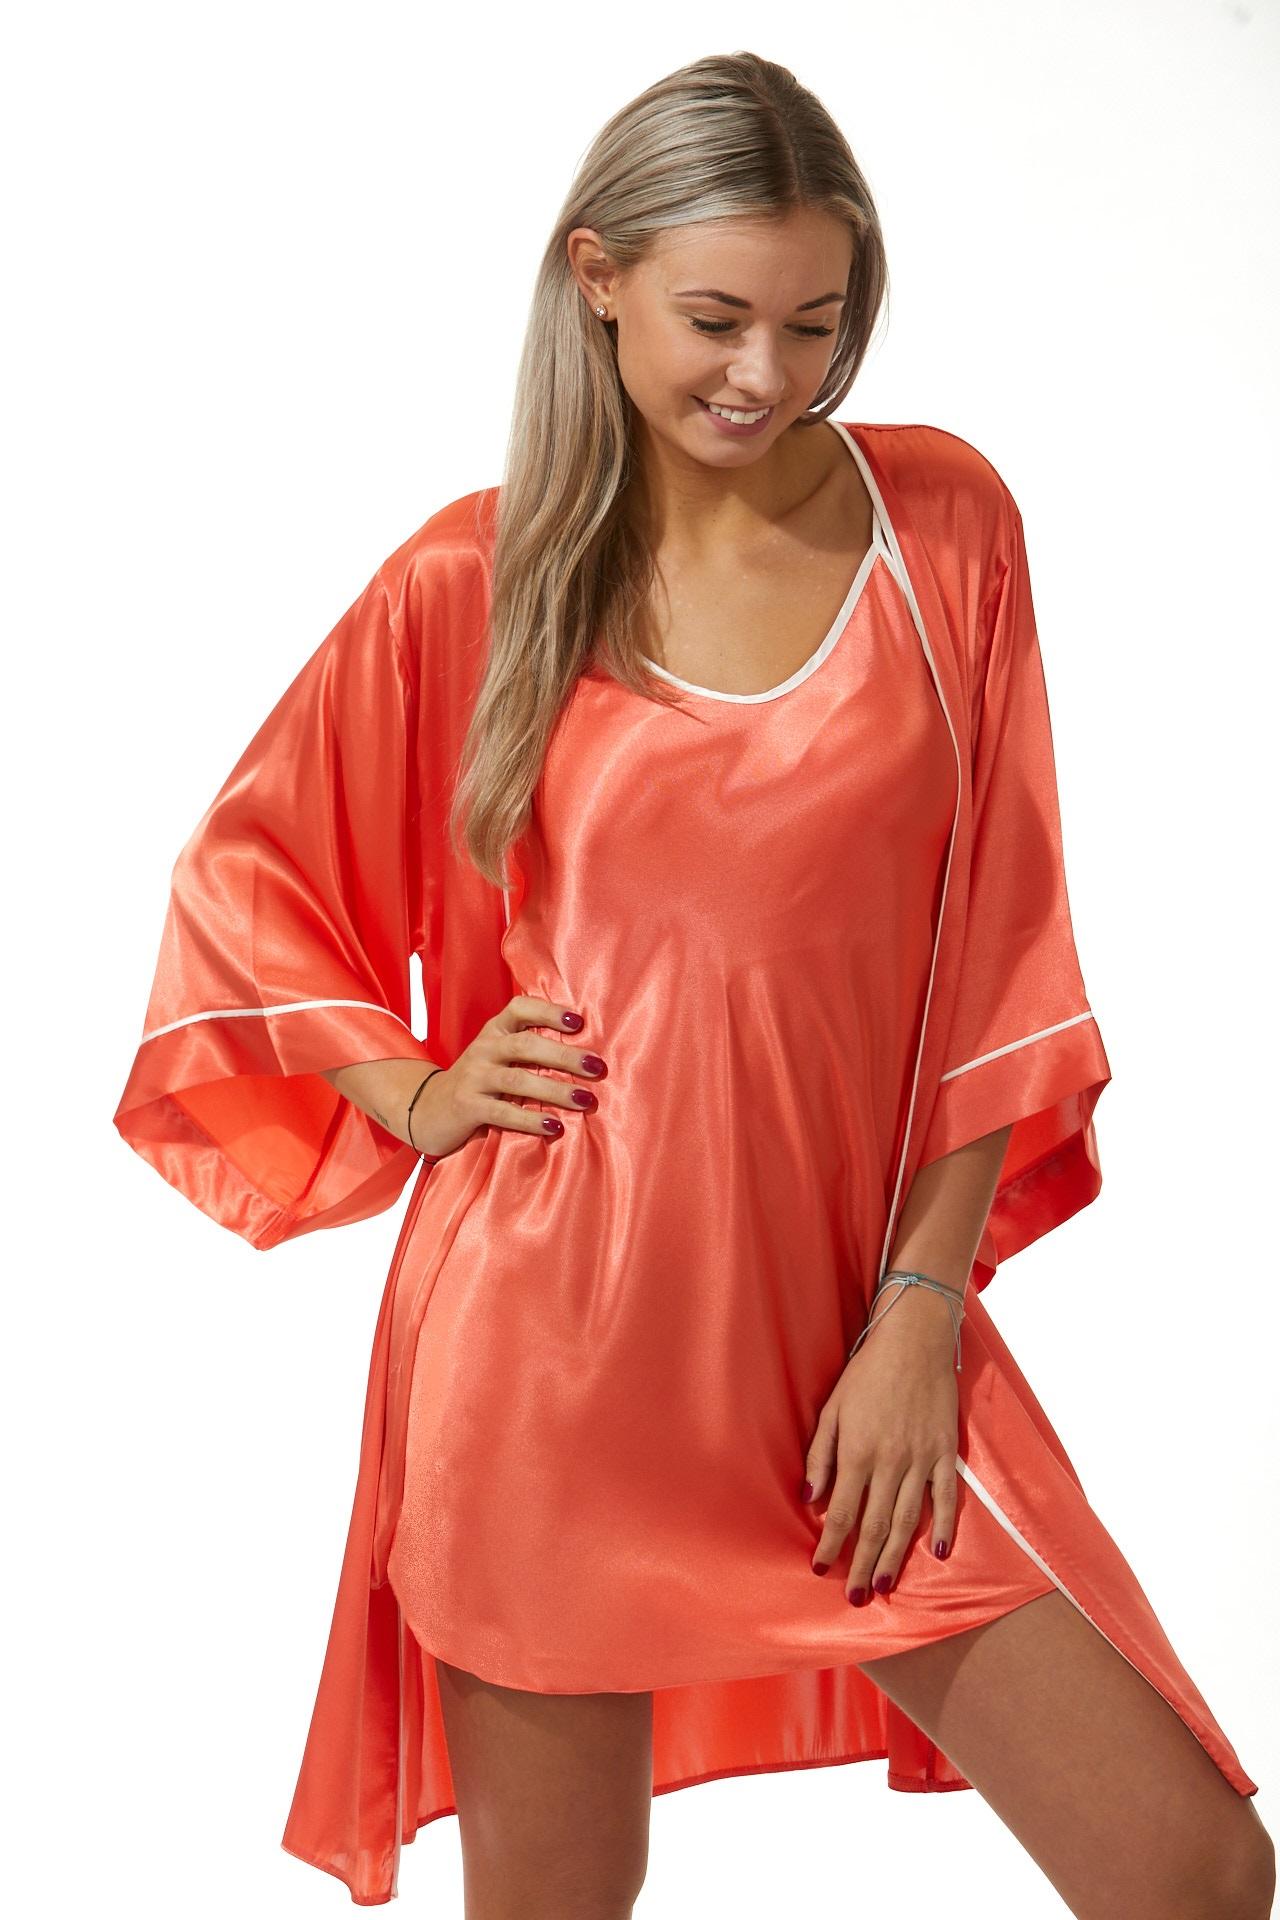 Luxusní košilka a župan v dokonalém kompletu pro ženy 1E8286